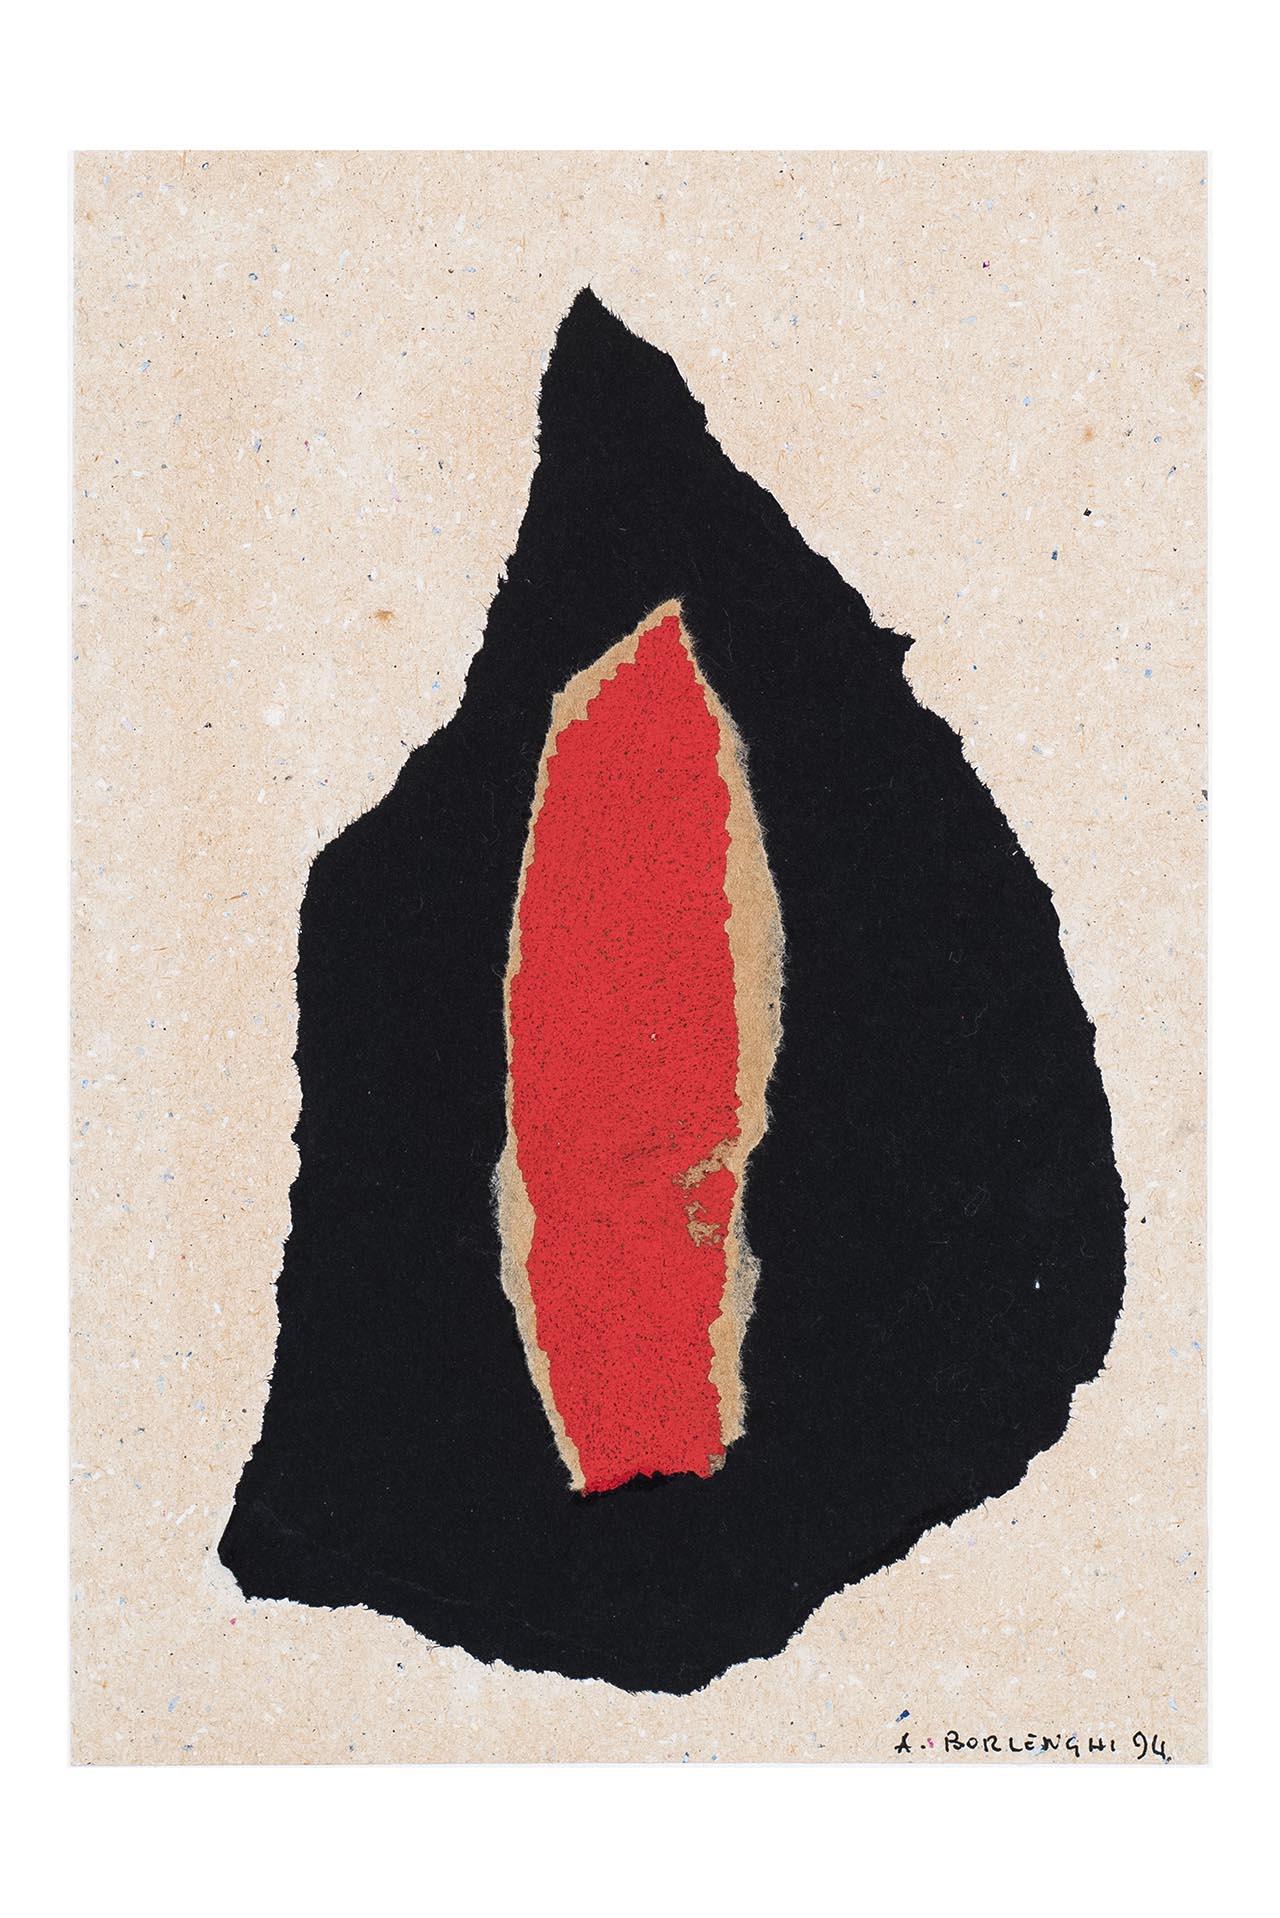 Interiorità, Soggetto astratto (dipinto, opera isolata) di Arturo Borlenghi (attribuito) - ambito Italia meridionale (xx)